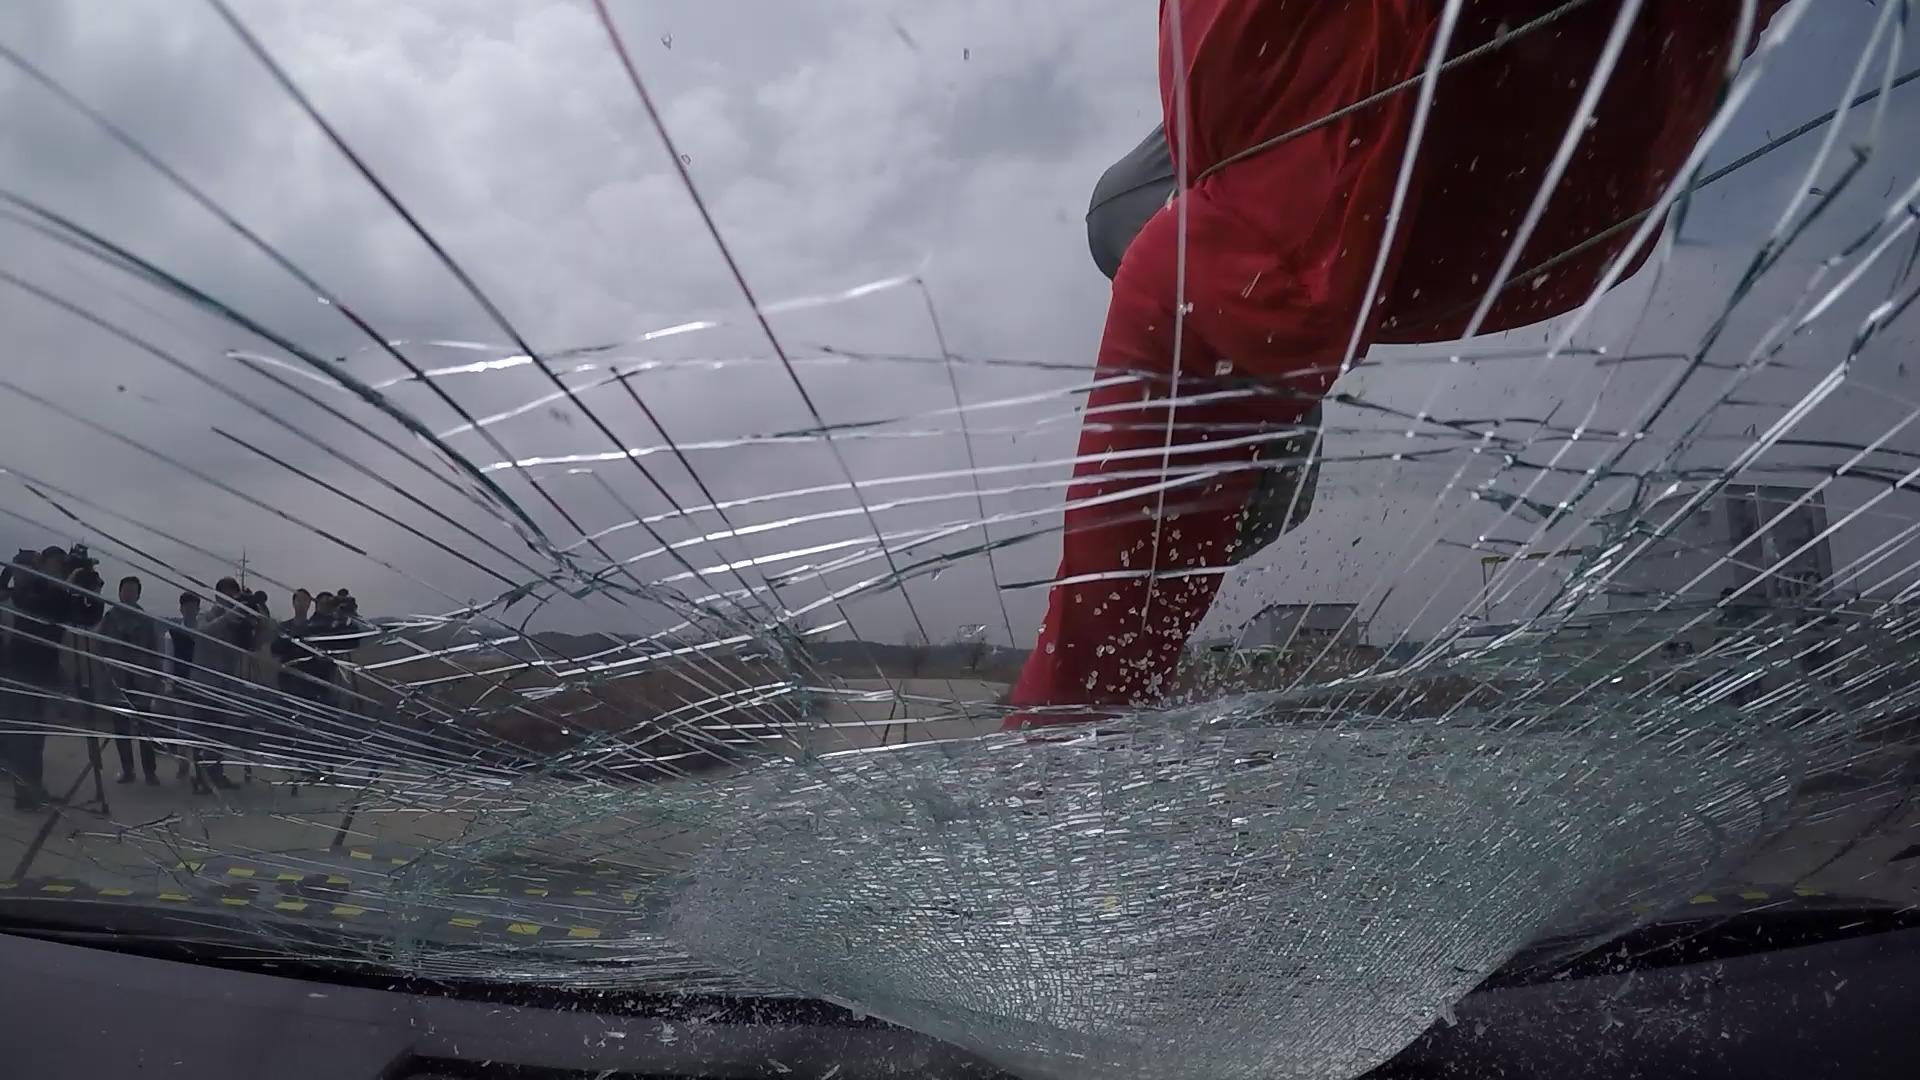 시속 60km로 인체 모형과 충돌한 뒤 크게 파손된 차량 앞 유리창. [사진 한국교통안전공단]